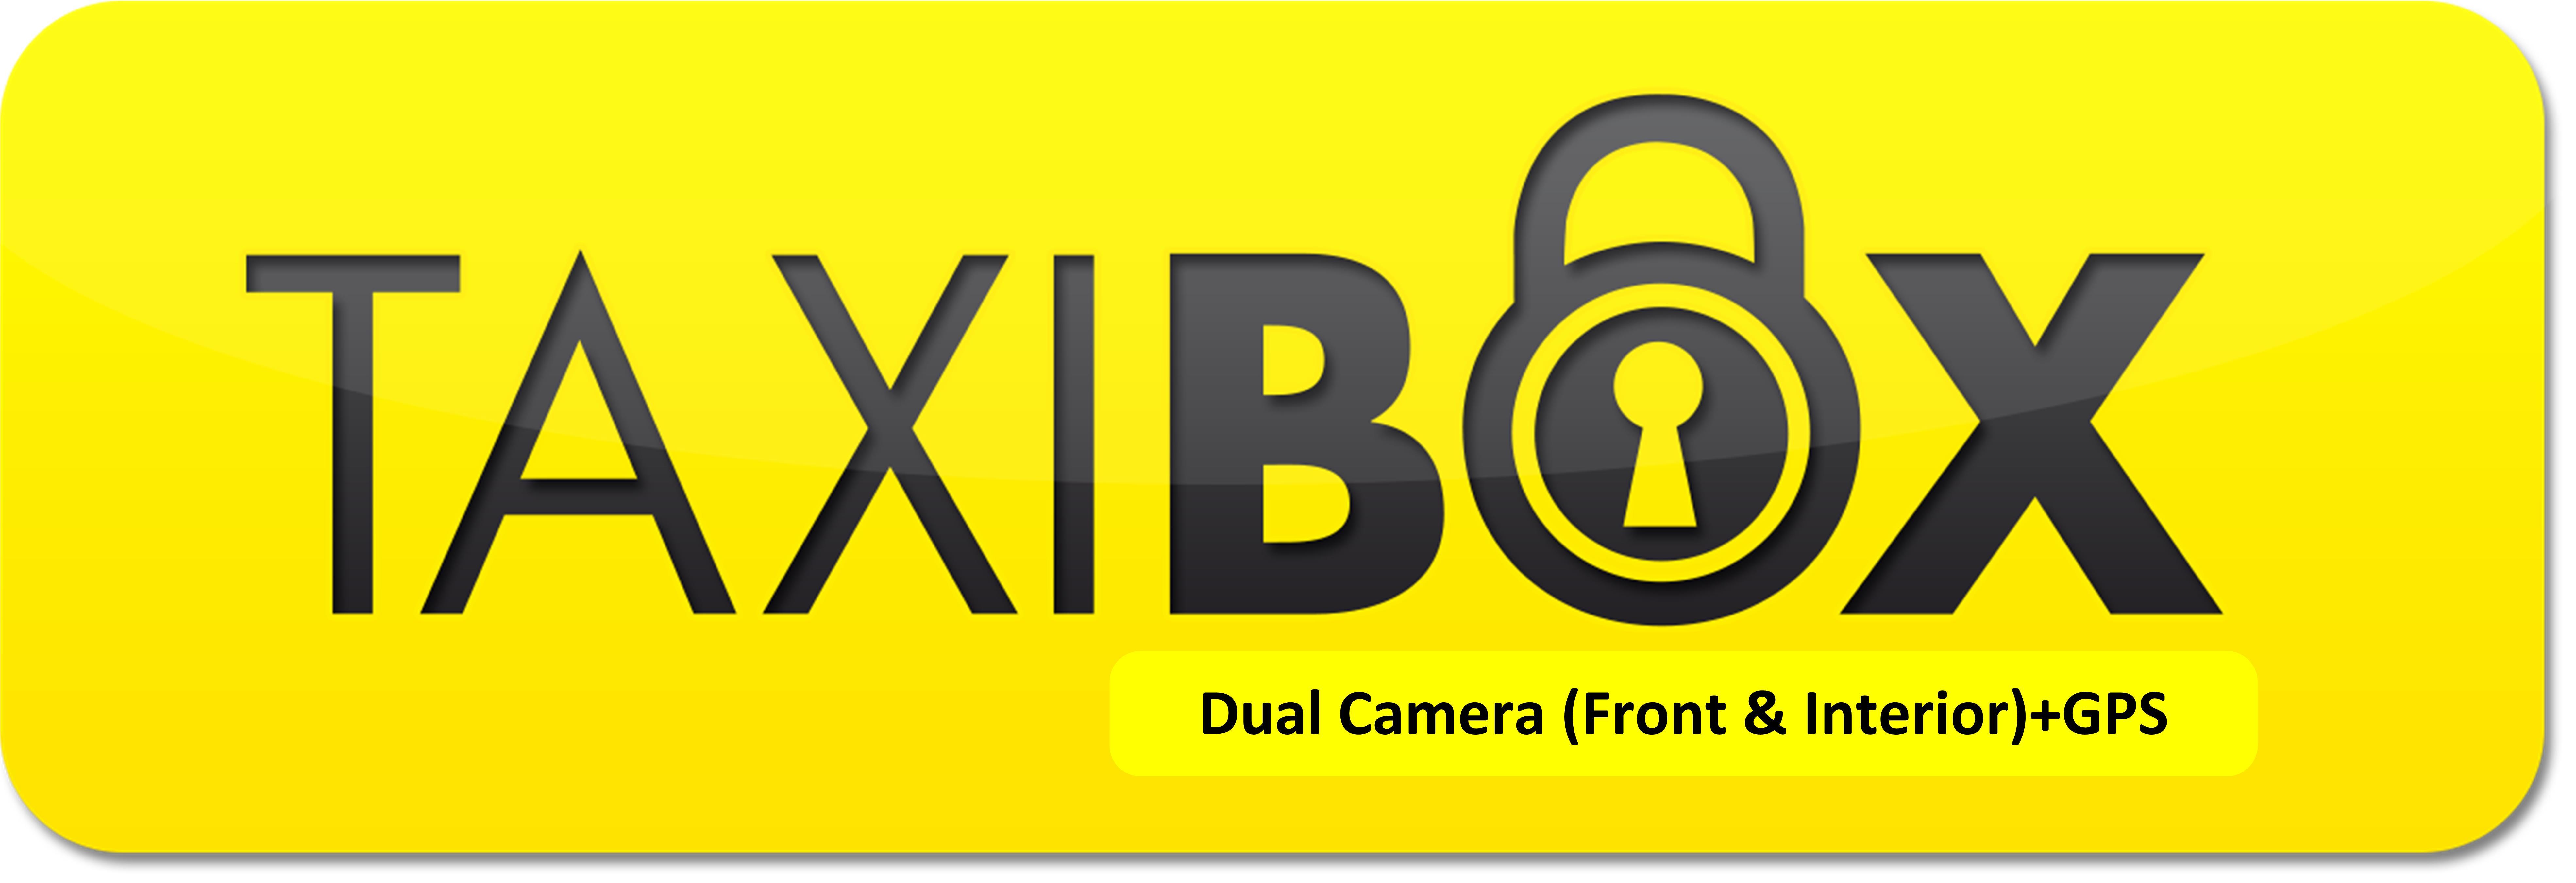 מצלמת דרך עם עדשה פנימית וחיצונית HD עם GPS מותג TAXIBOX